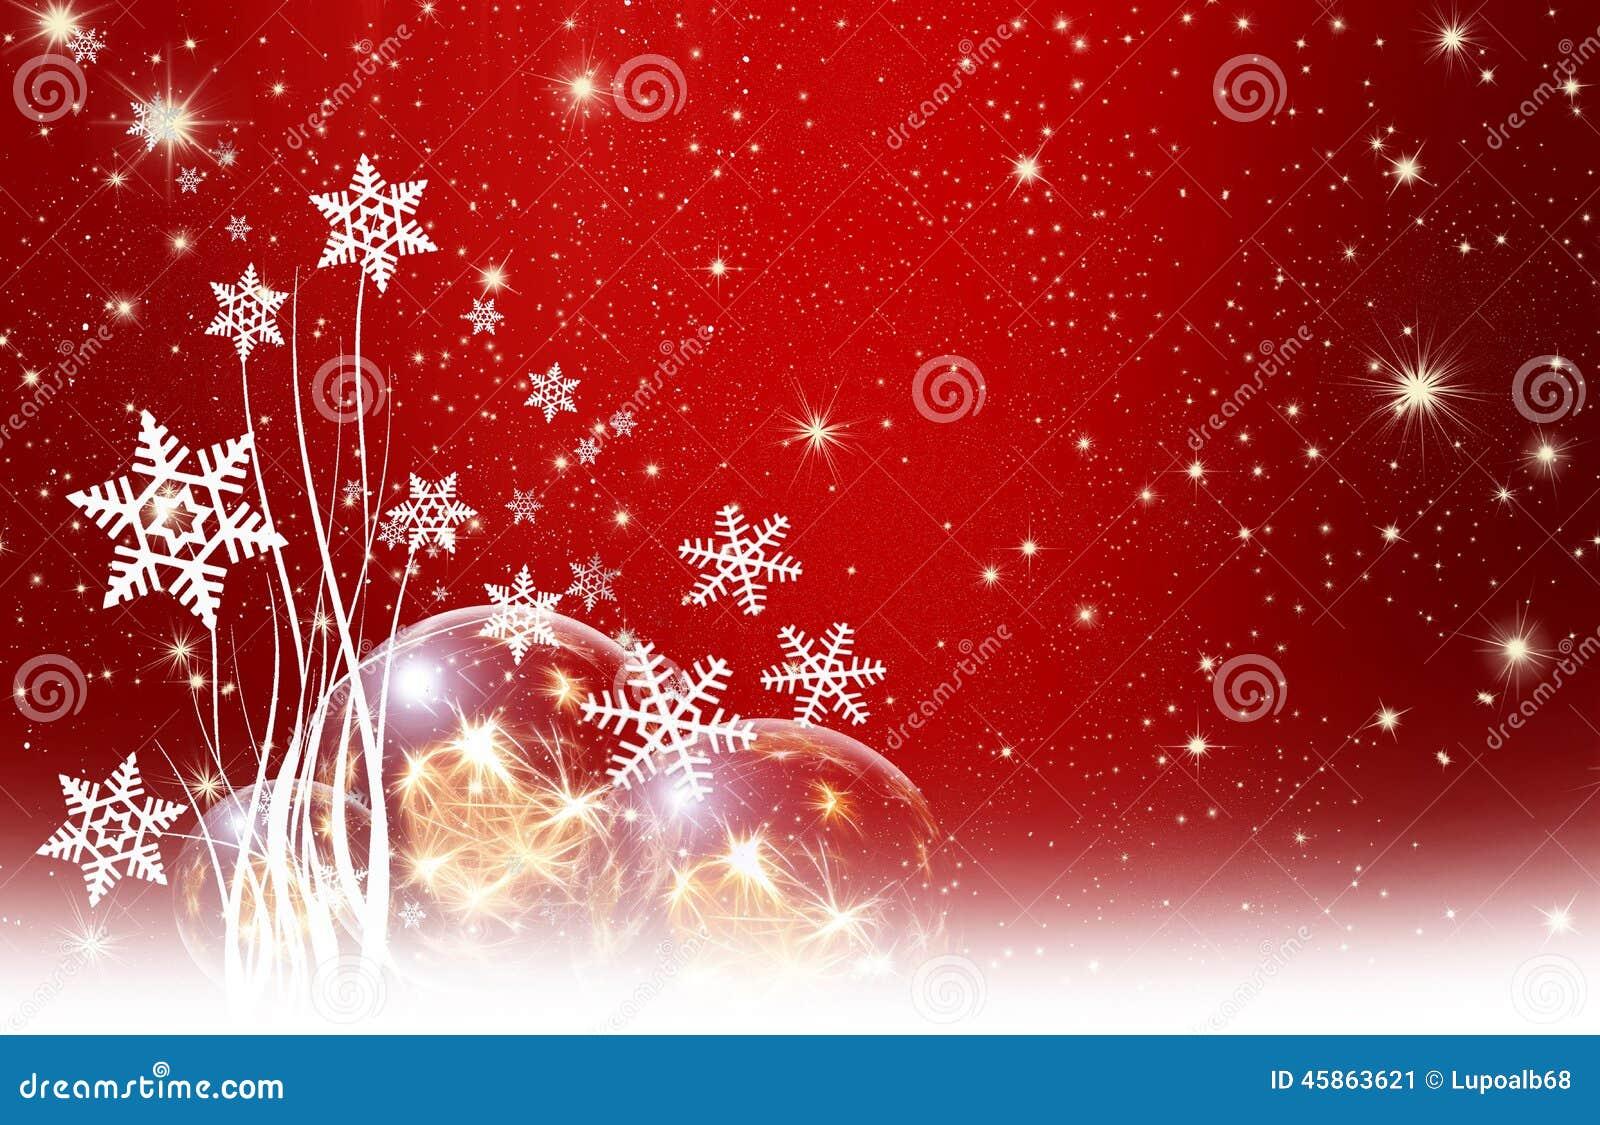 weihnachtsw nsche sterne hintergrund stockfoto bild 45863621